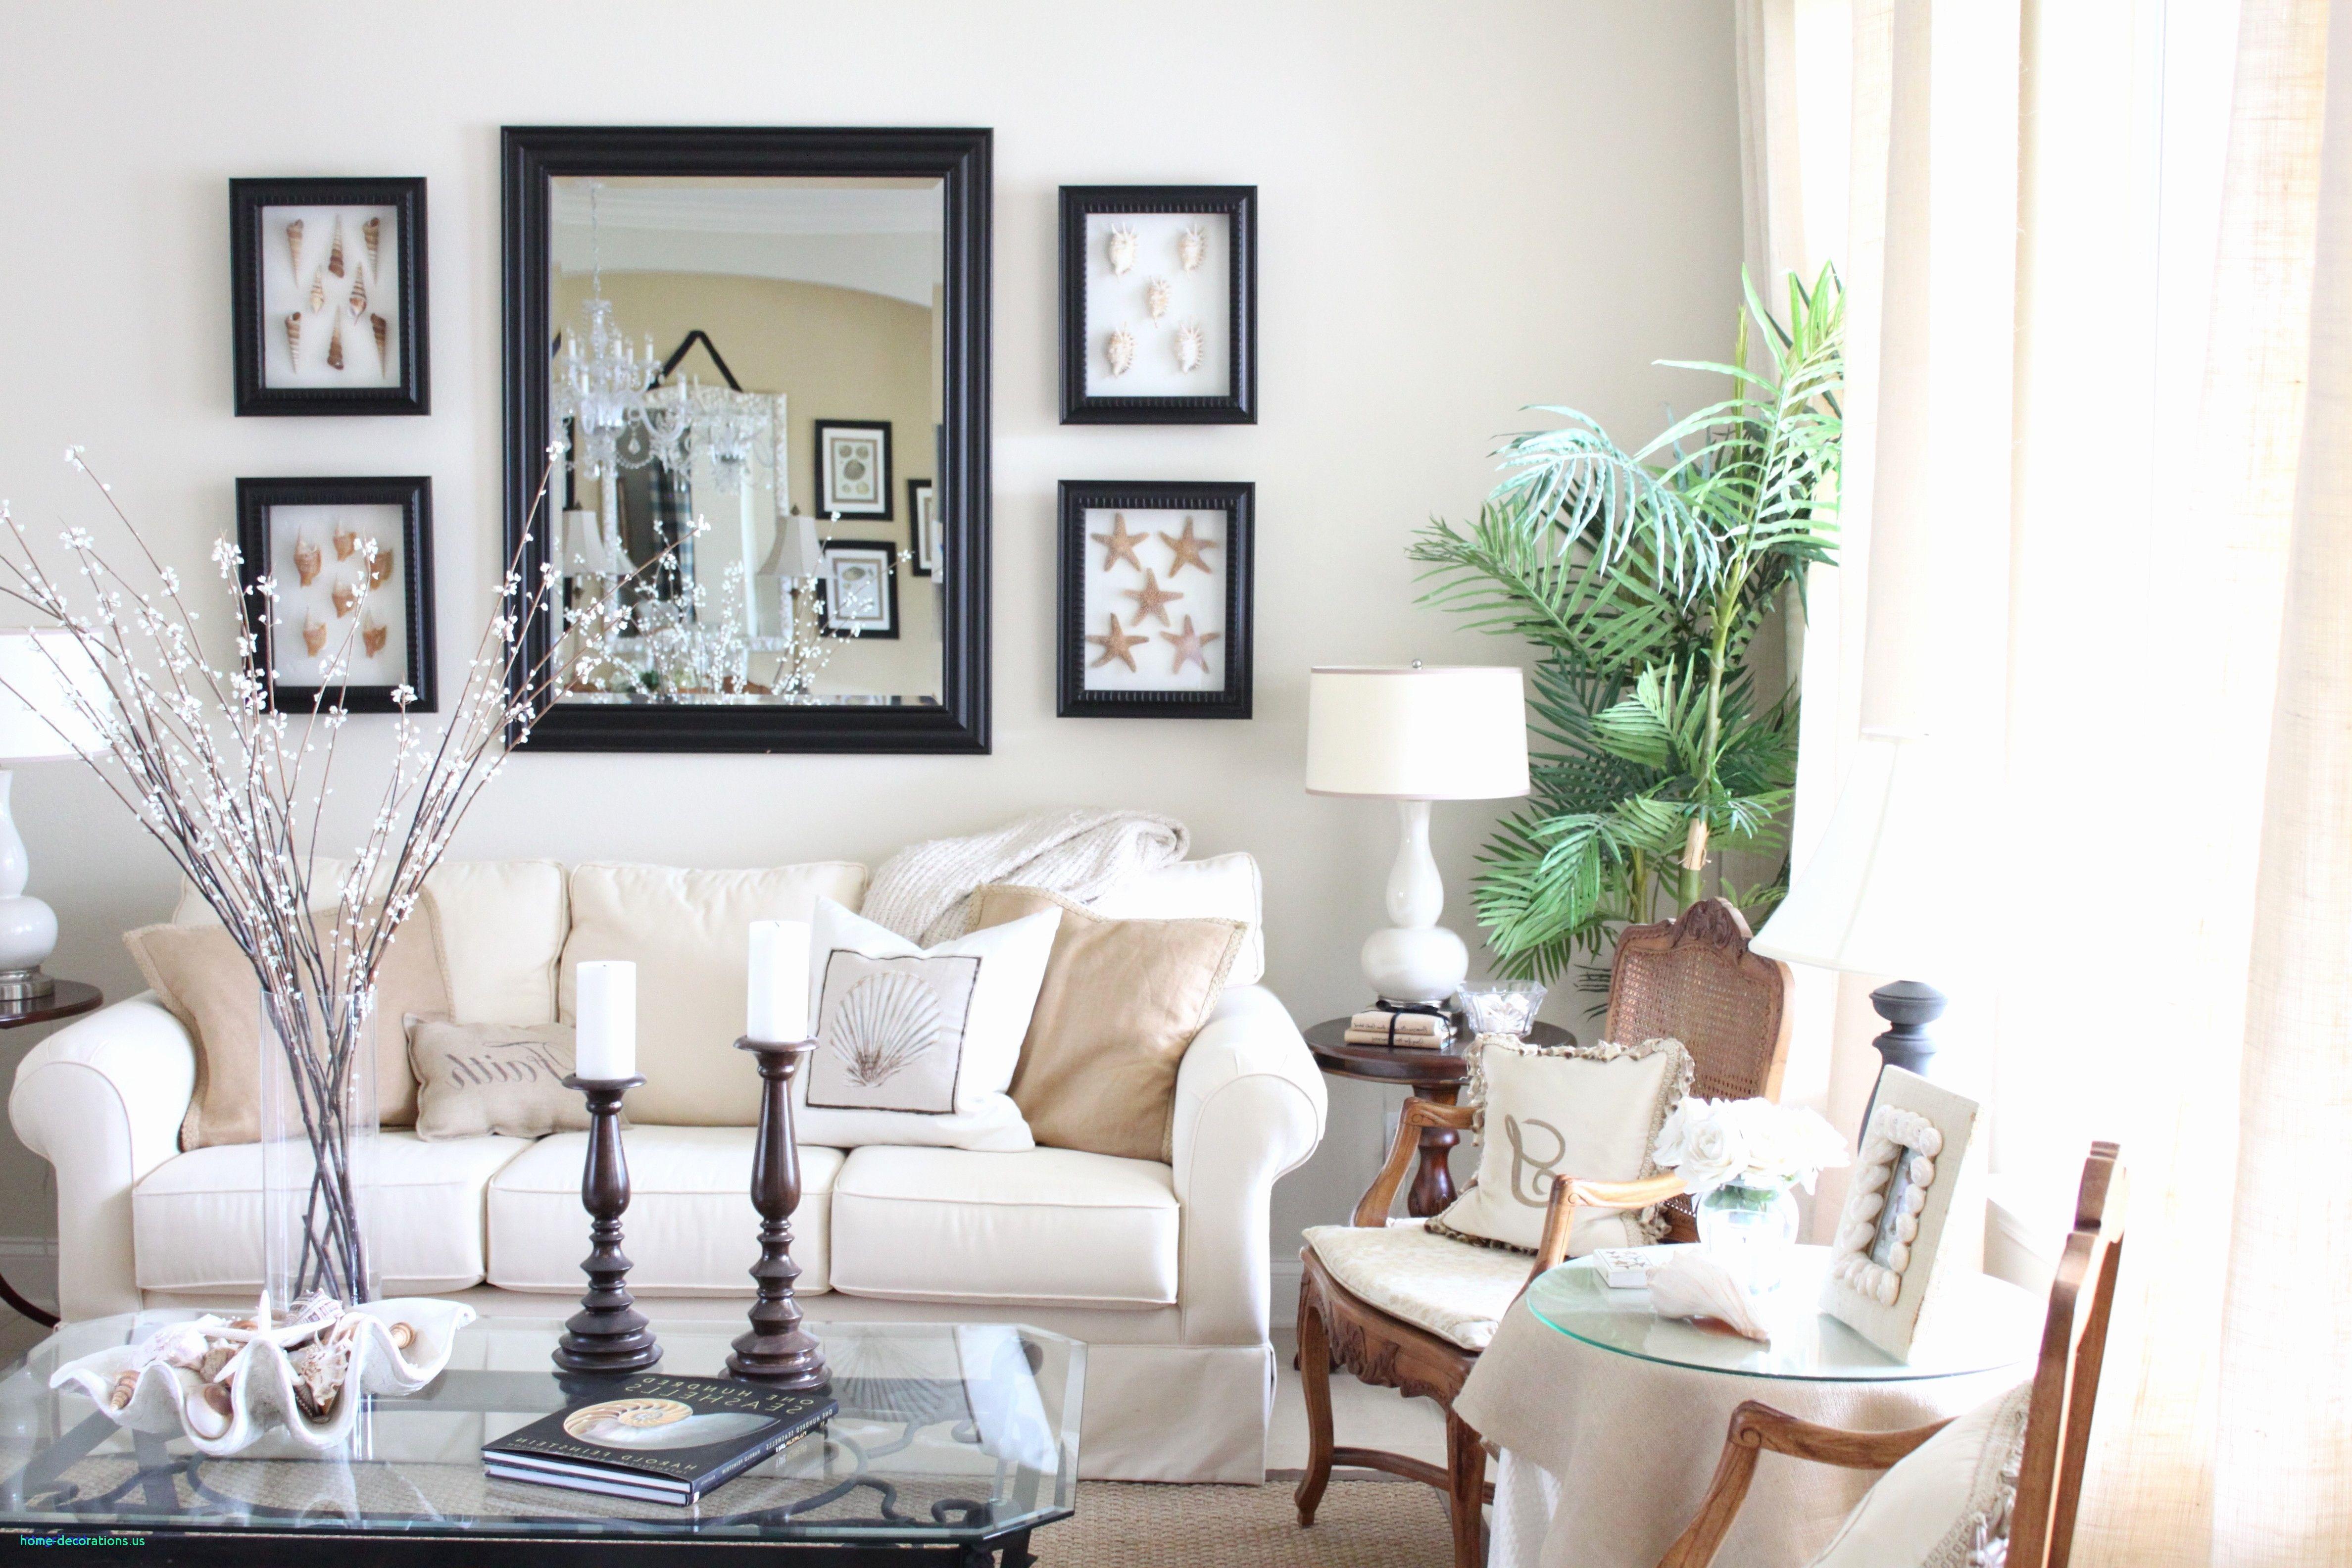 Beautiful Home Decoration Video Dekorasi Ruang Tamu Ide Dekorasi Rumah Ruang Keluarga Kecil